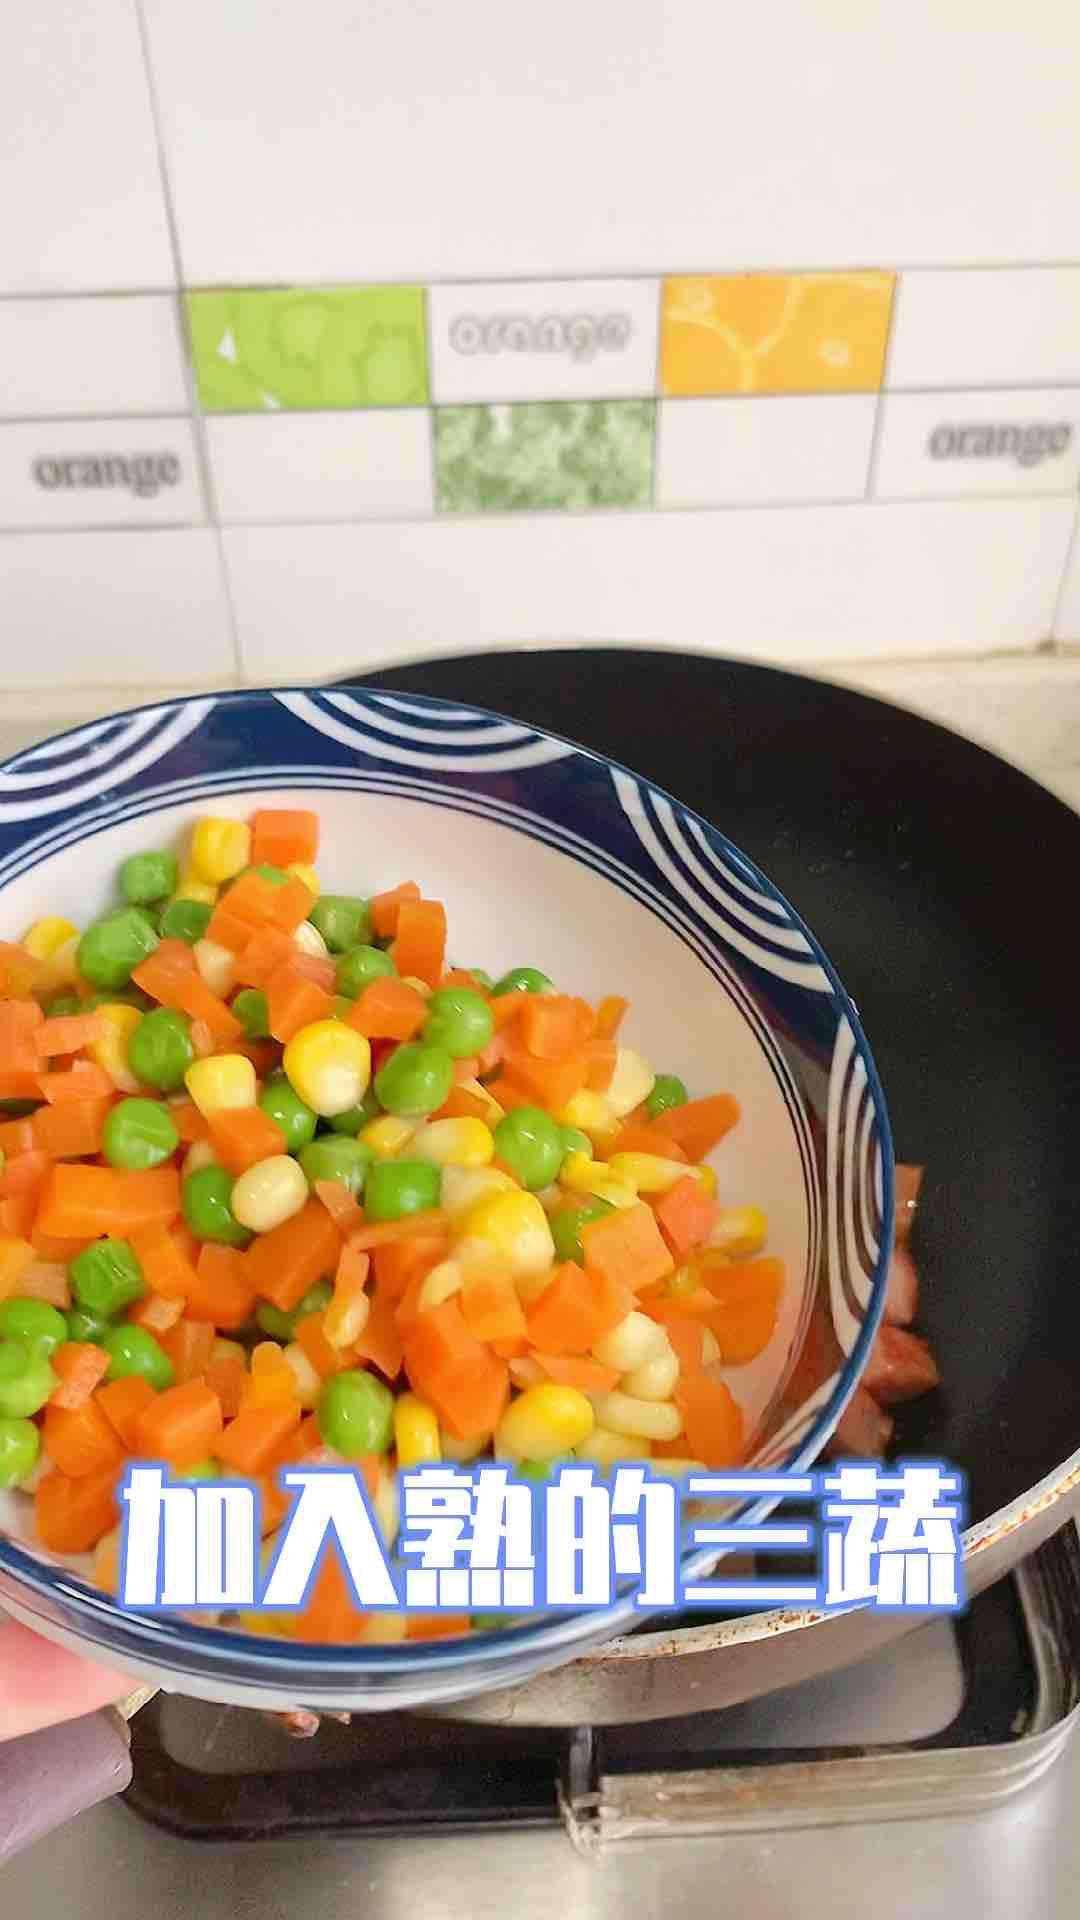 红肠三蔬丁的步骤